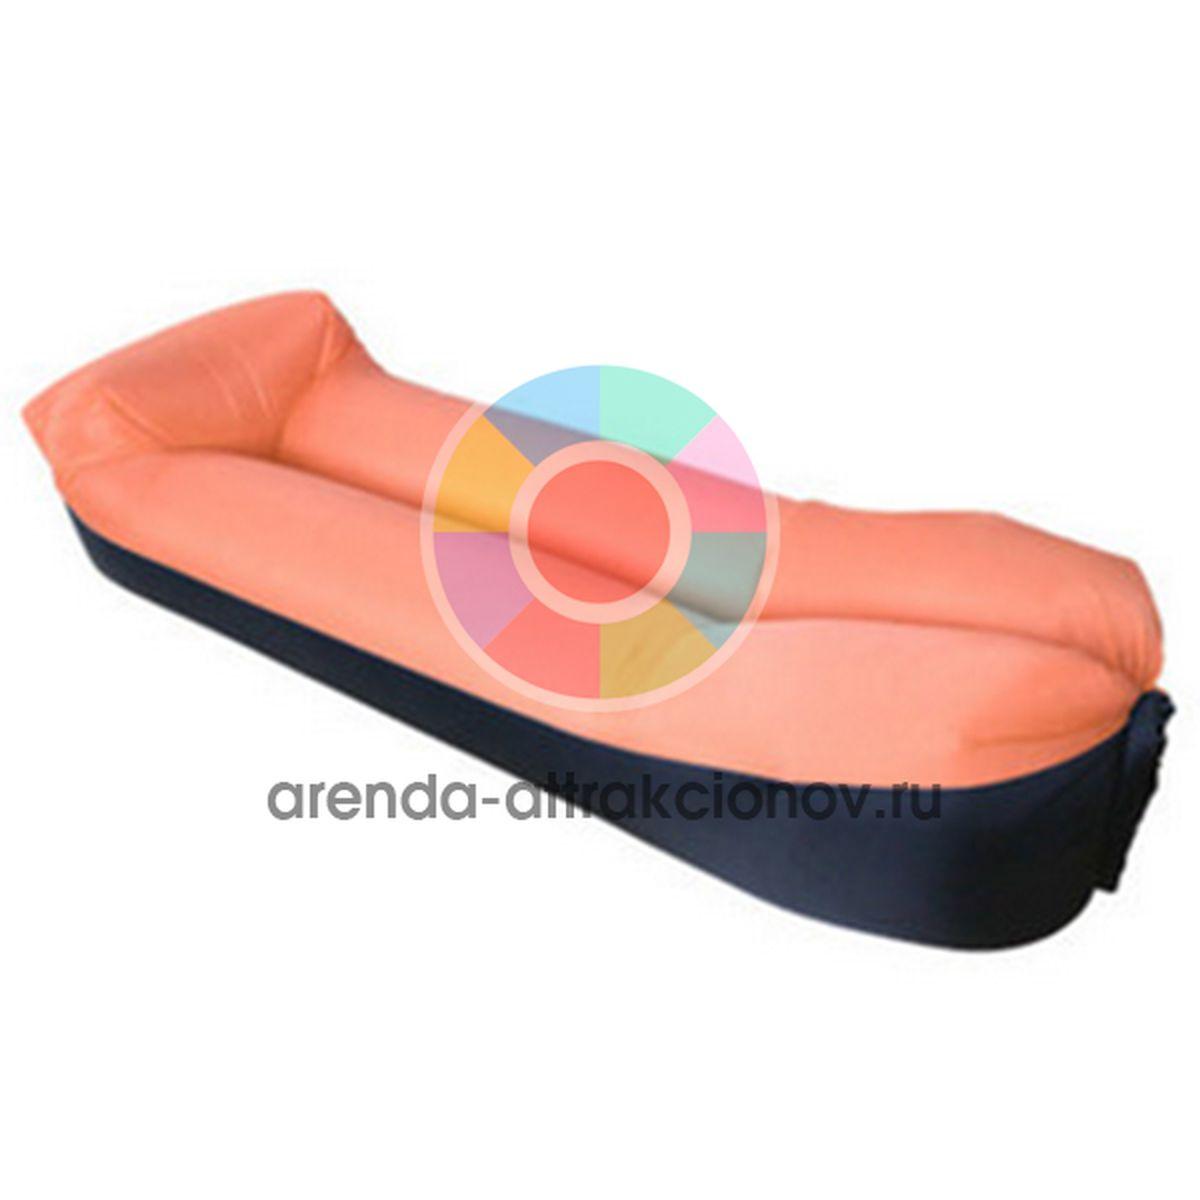 Надувной диван для Банджи Батута